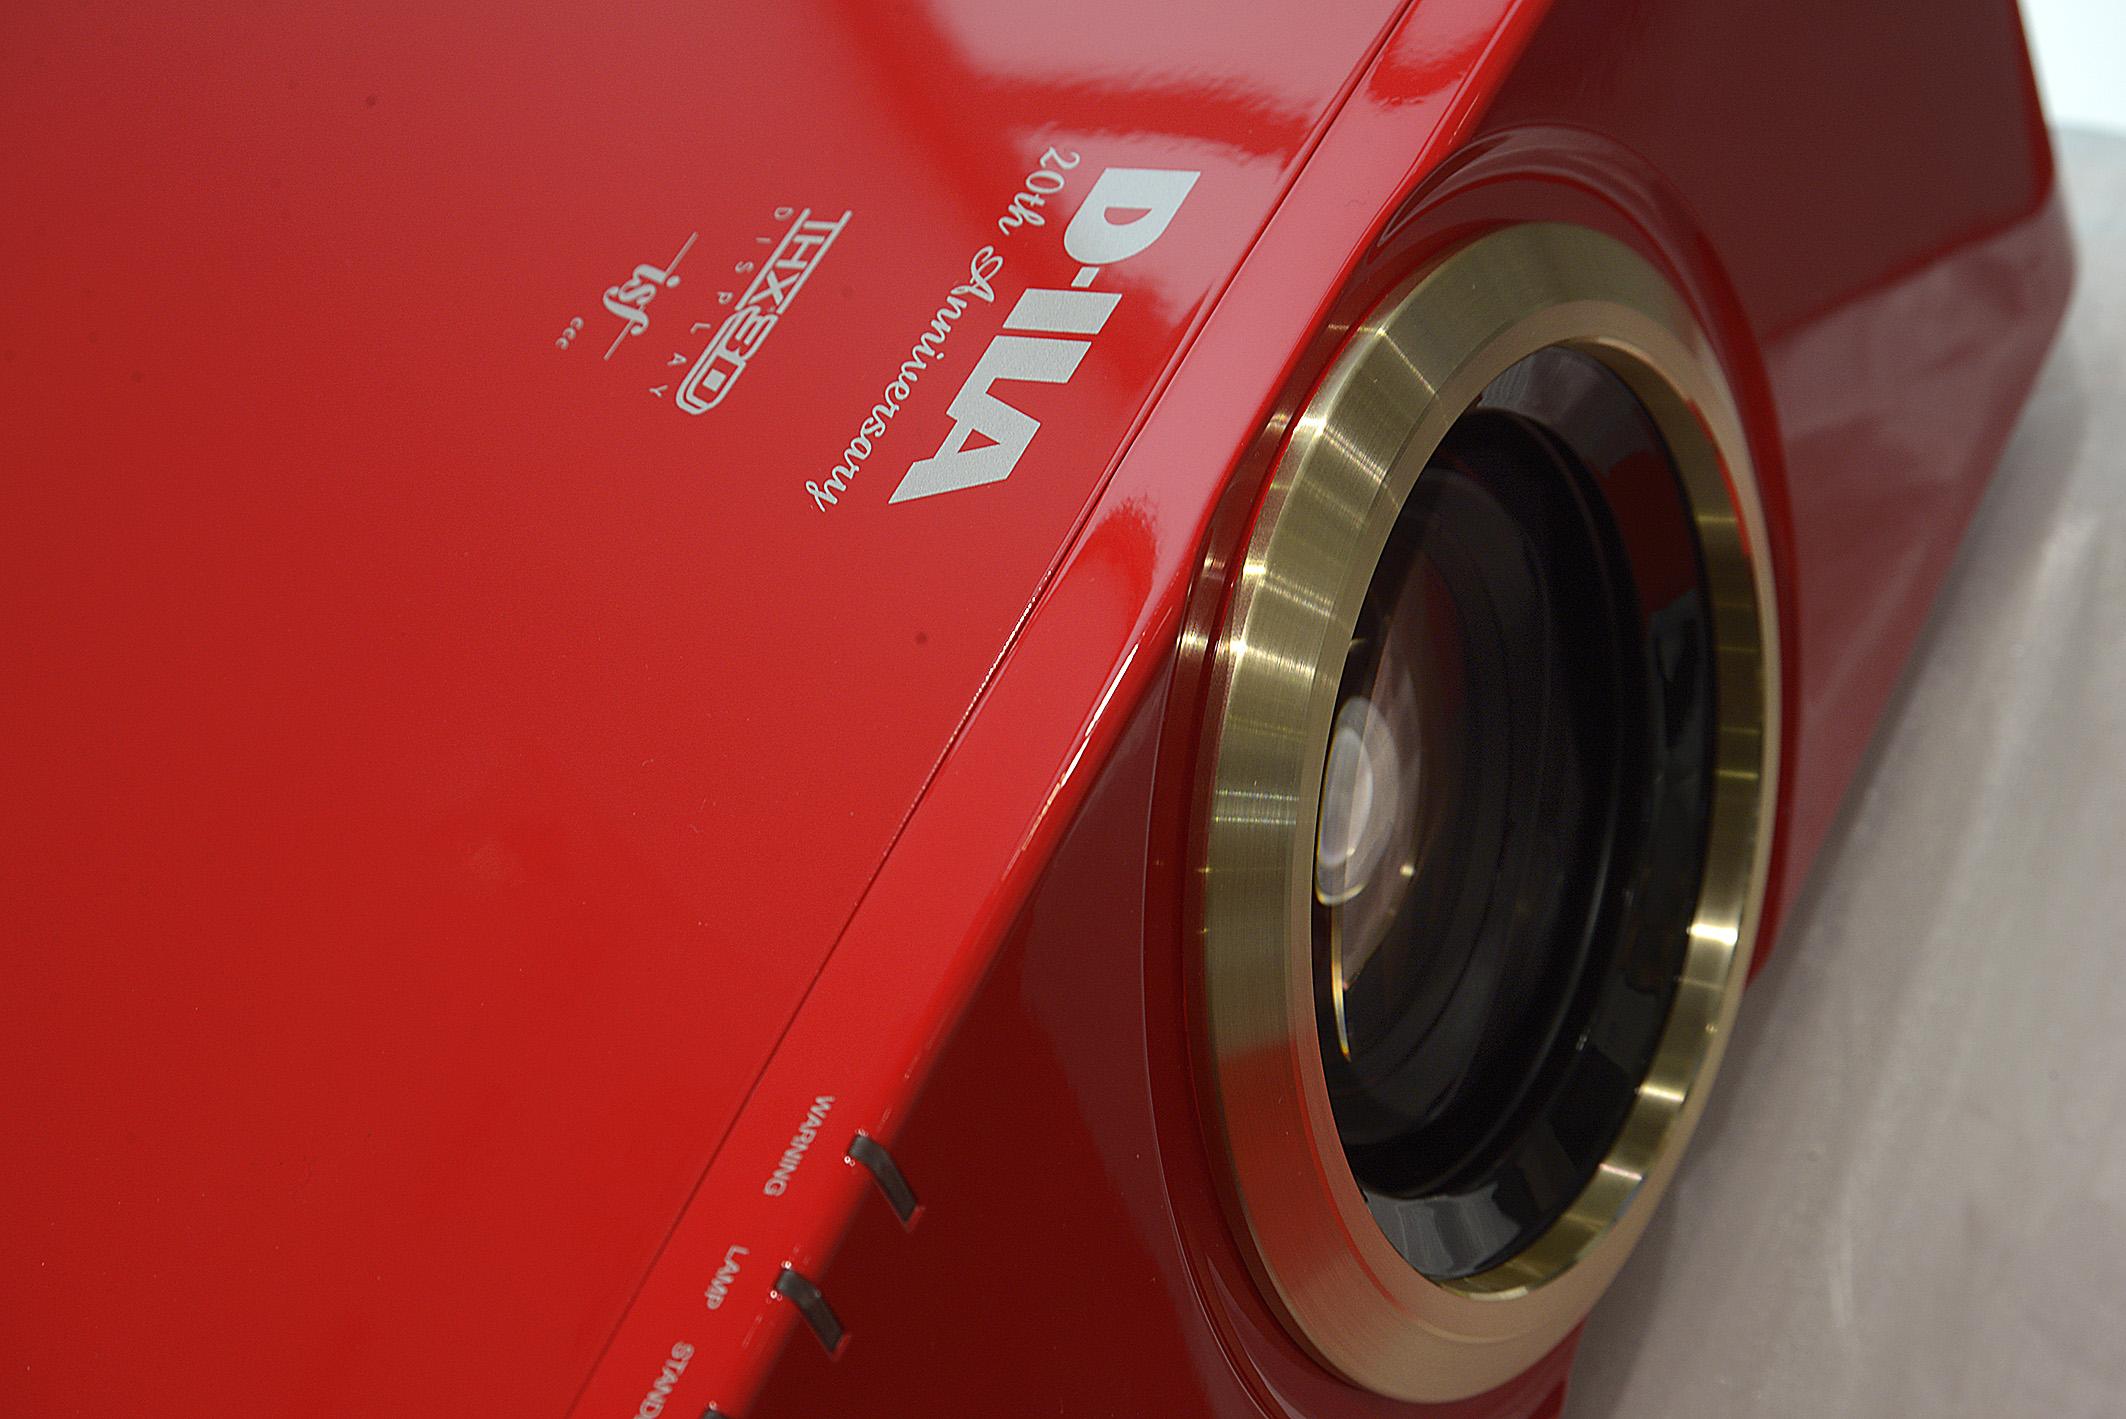 Foto: Michael B. Rehders THX-Lizenz und UHP-Lampe. Der 3D-Projektor sieht wirklich schick aus in rotem Finsh und dem goldenen Objektivring.